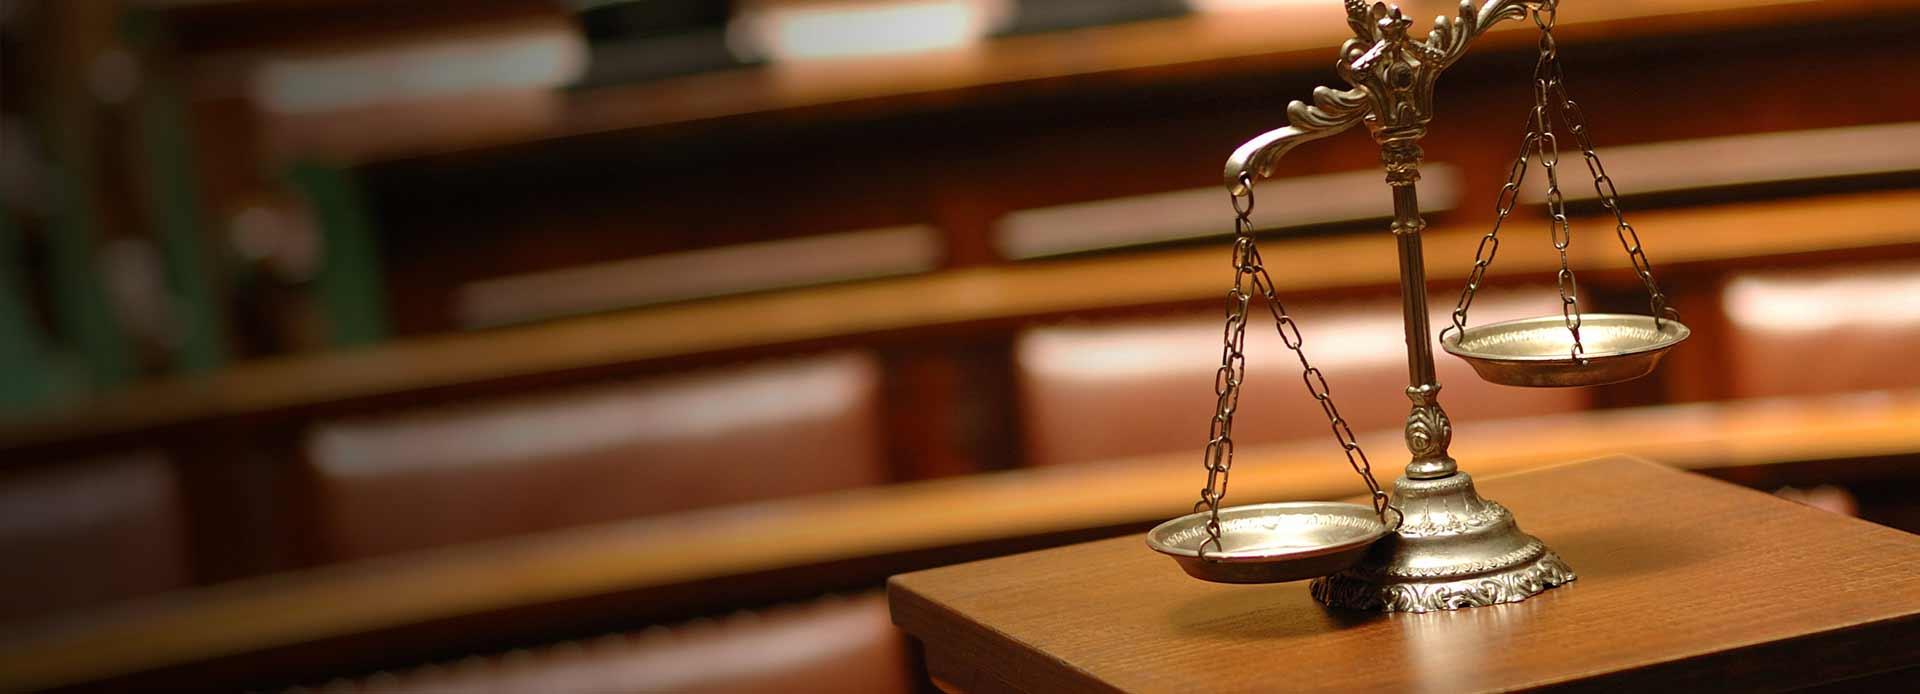 Abogados de divorcios - Despacho de Abogados en Parla y Madrid - Nuestro Divorcio